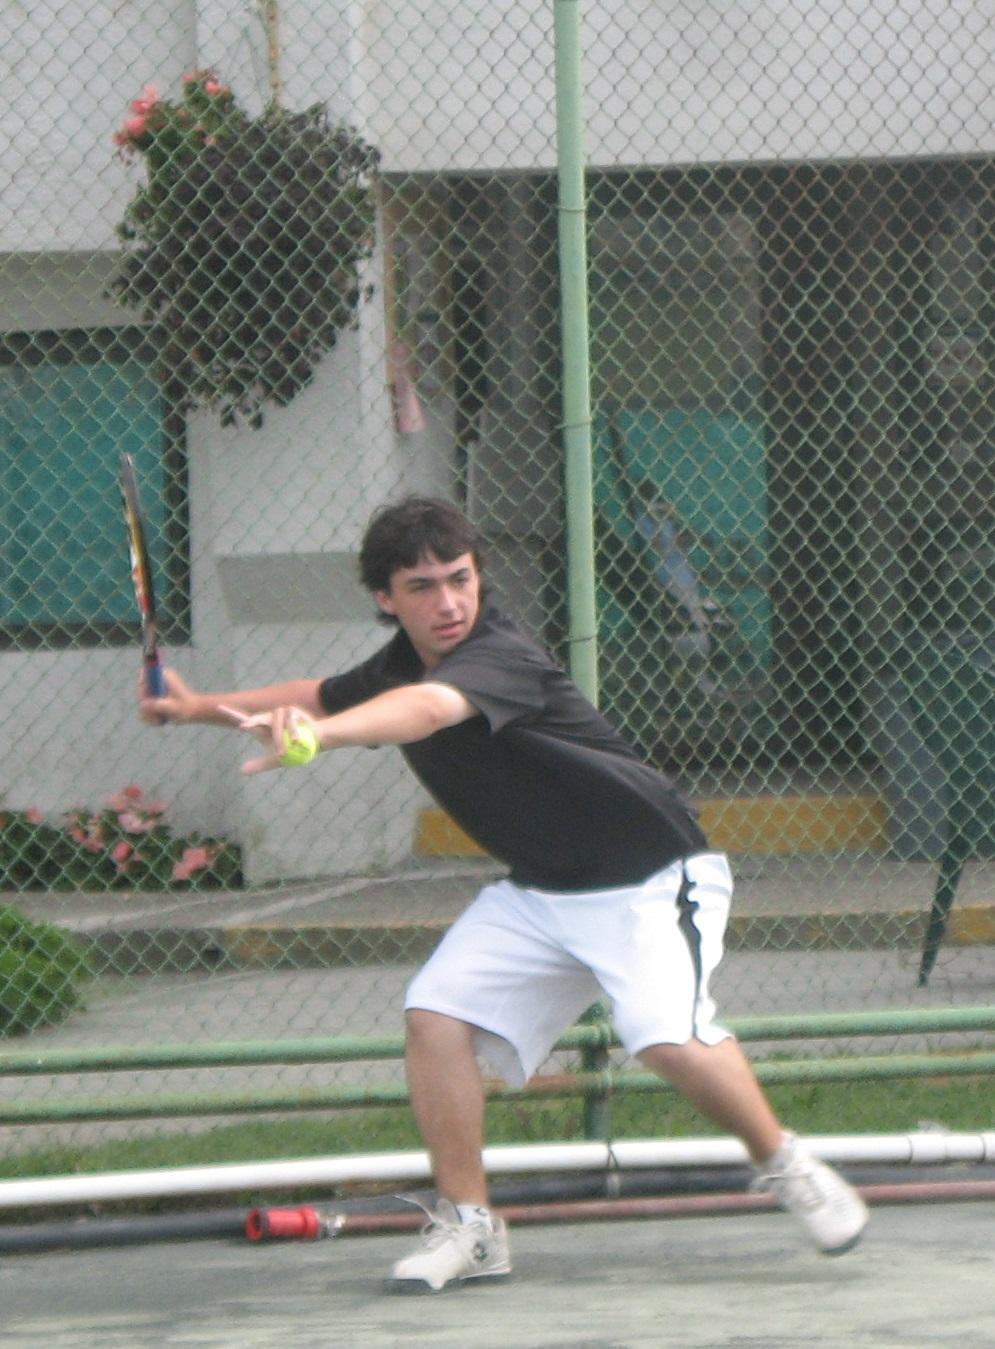 Tennis pierrefonds